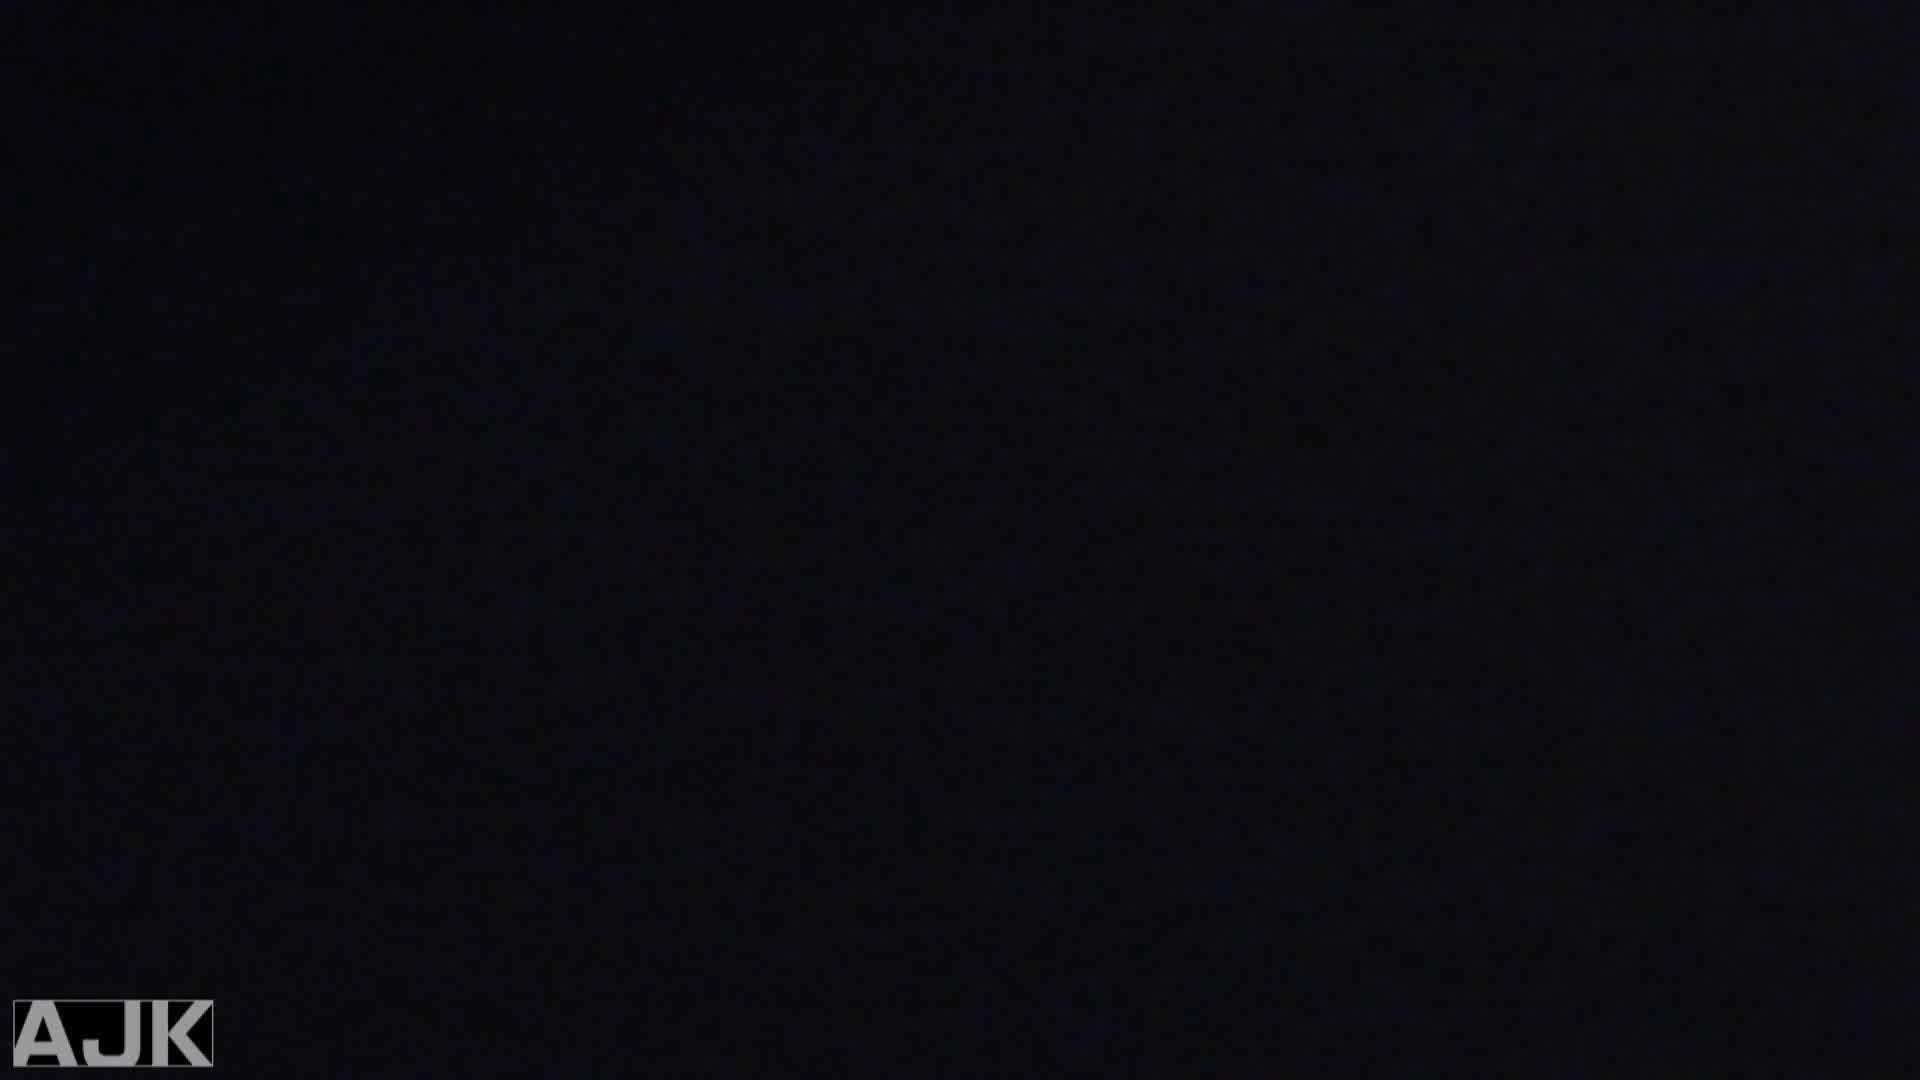 神降臨!史上最強の潜入かわや! vol.23 美しいOLの裸体 オメコ無修正動画無料 96pic 16